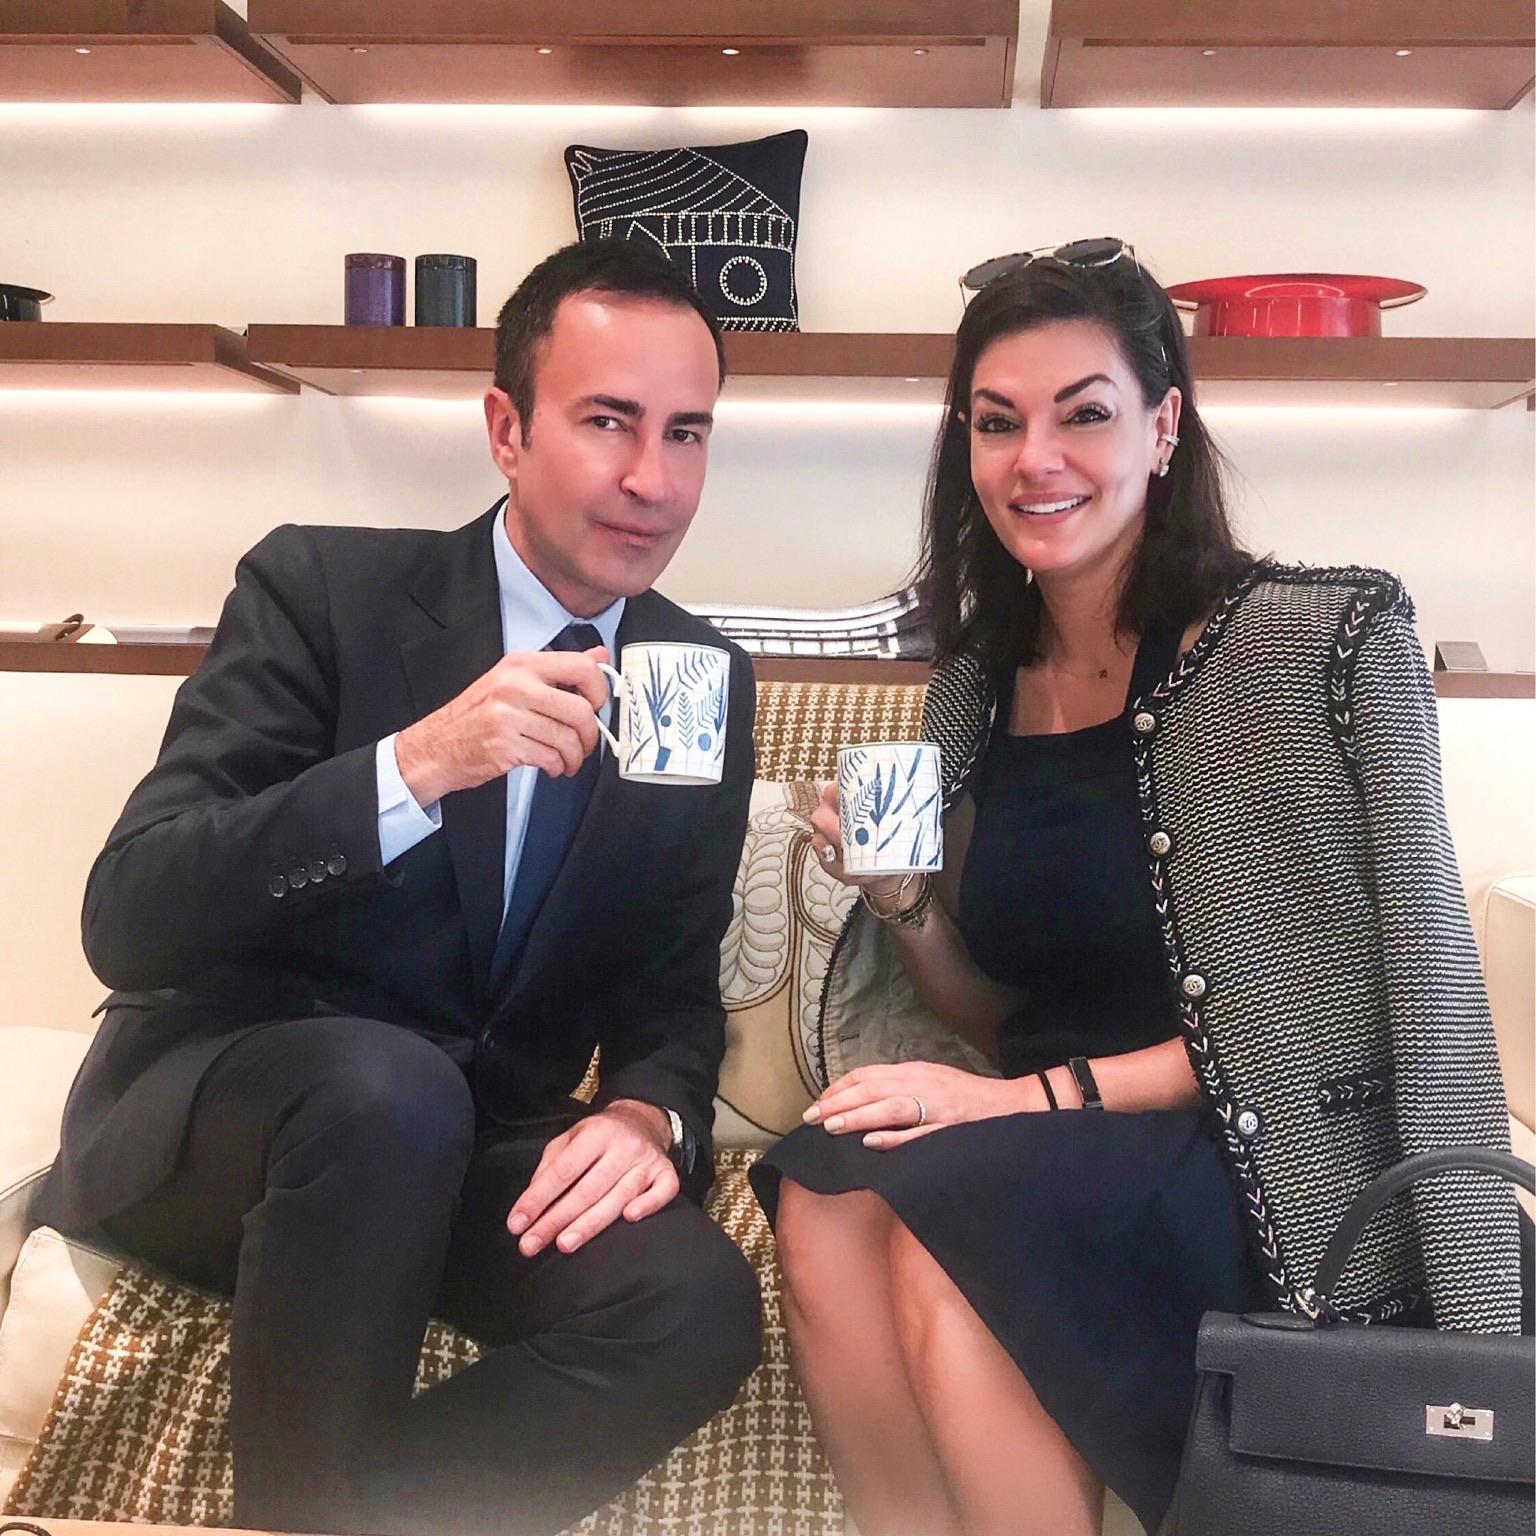 Tea with Michael Coste in Paris